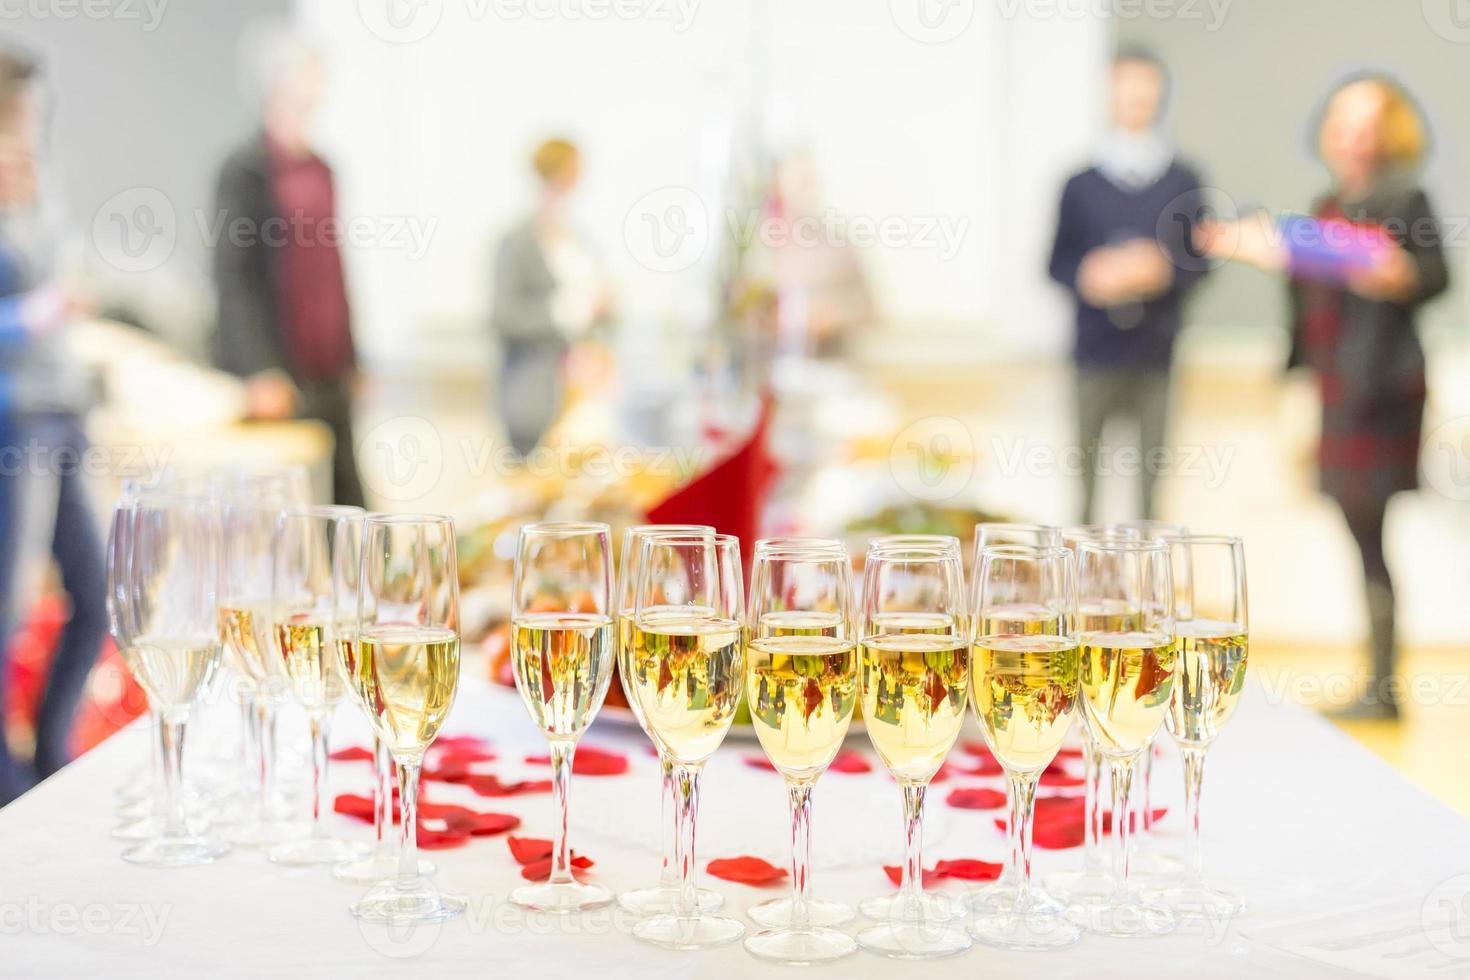 banket evenement. champagne op tafel. foto